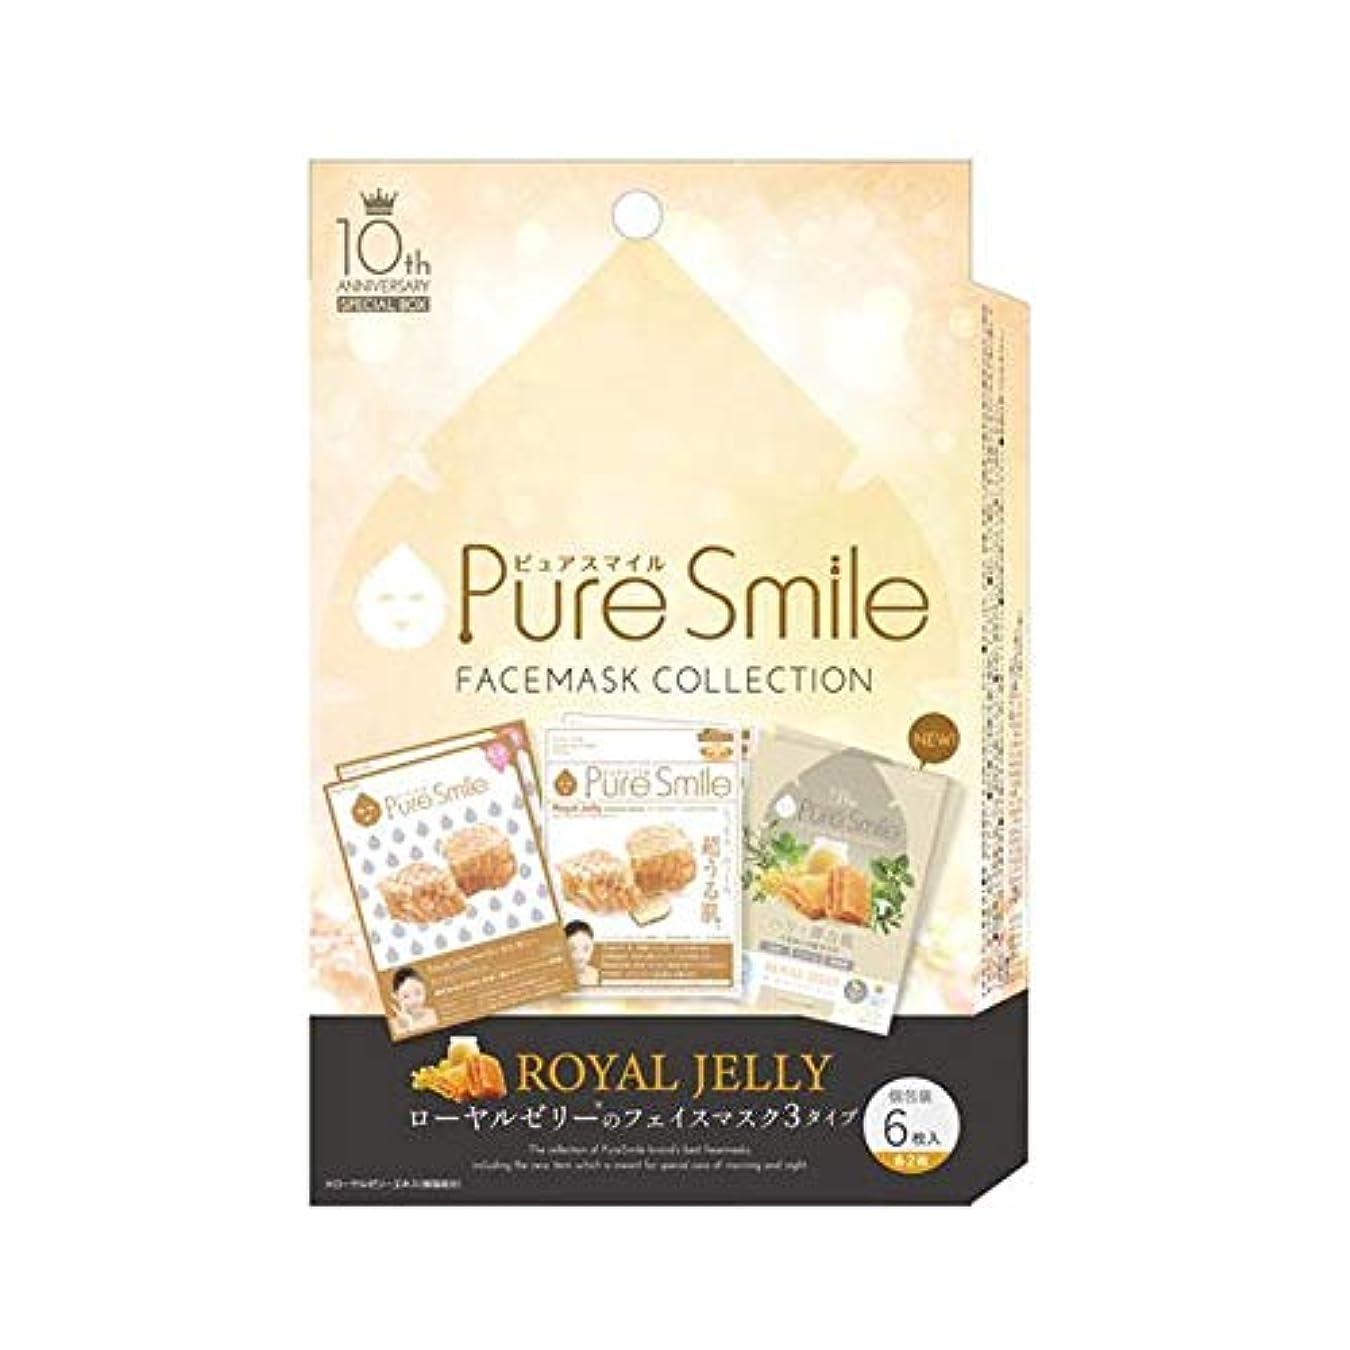 思春期離婚参照ピュア スマイル Pure Smile 10thアニバーサリー スペシャルボックス ローヤルゼリーエキス 6枚入り